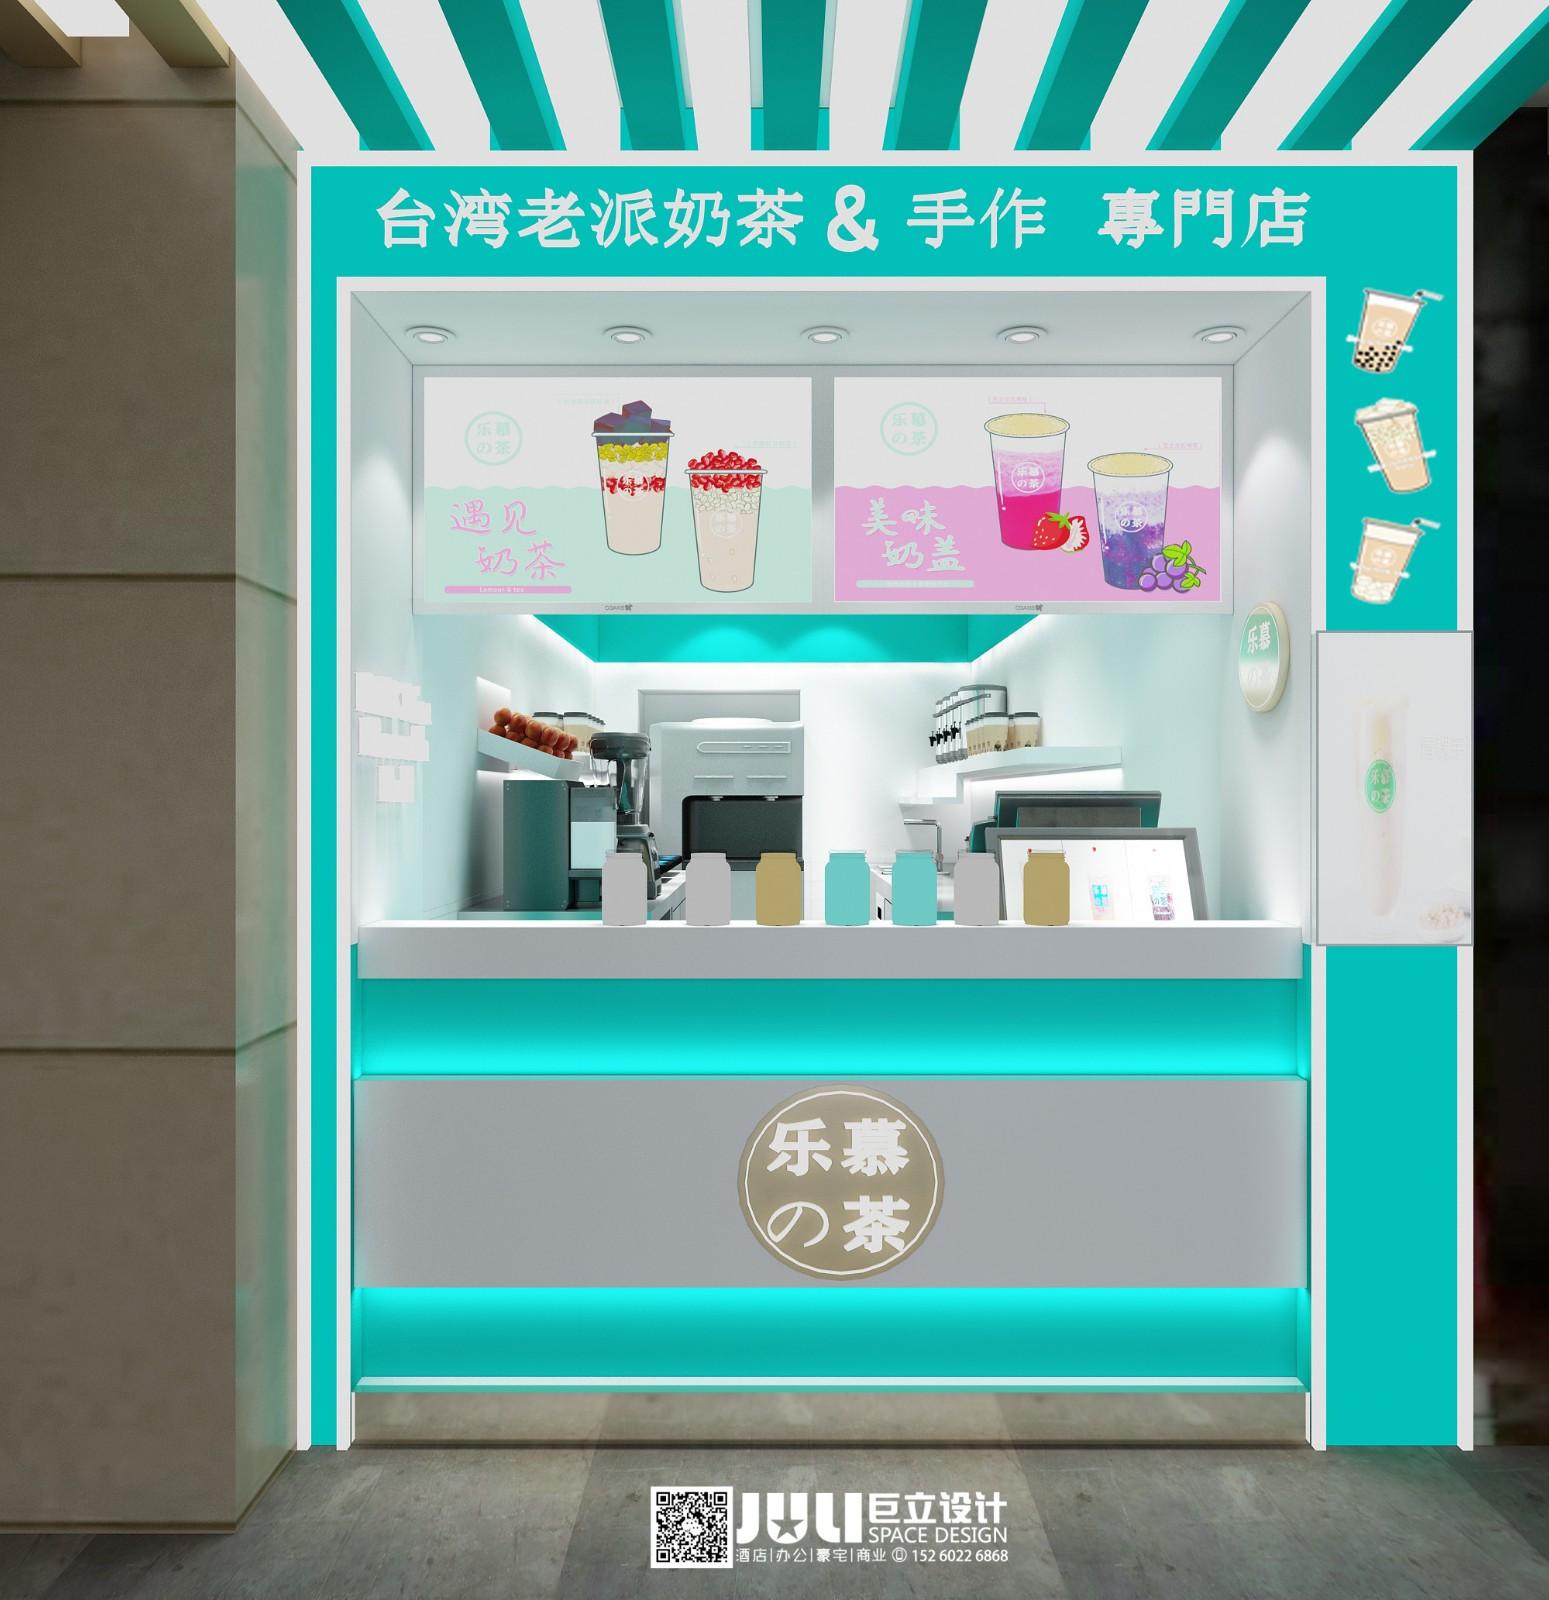 厦门中山路乐慕的茶连锁品牌装修设计项目